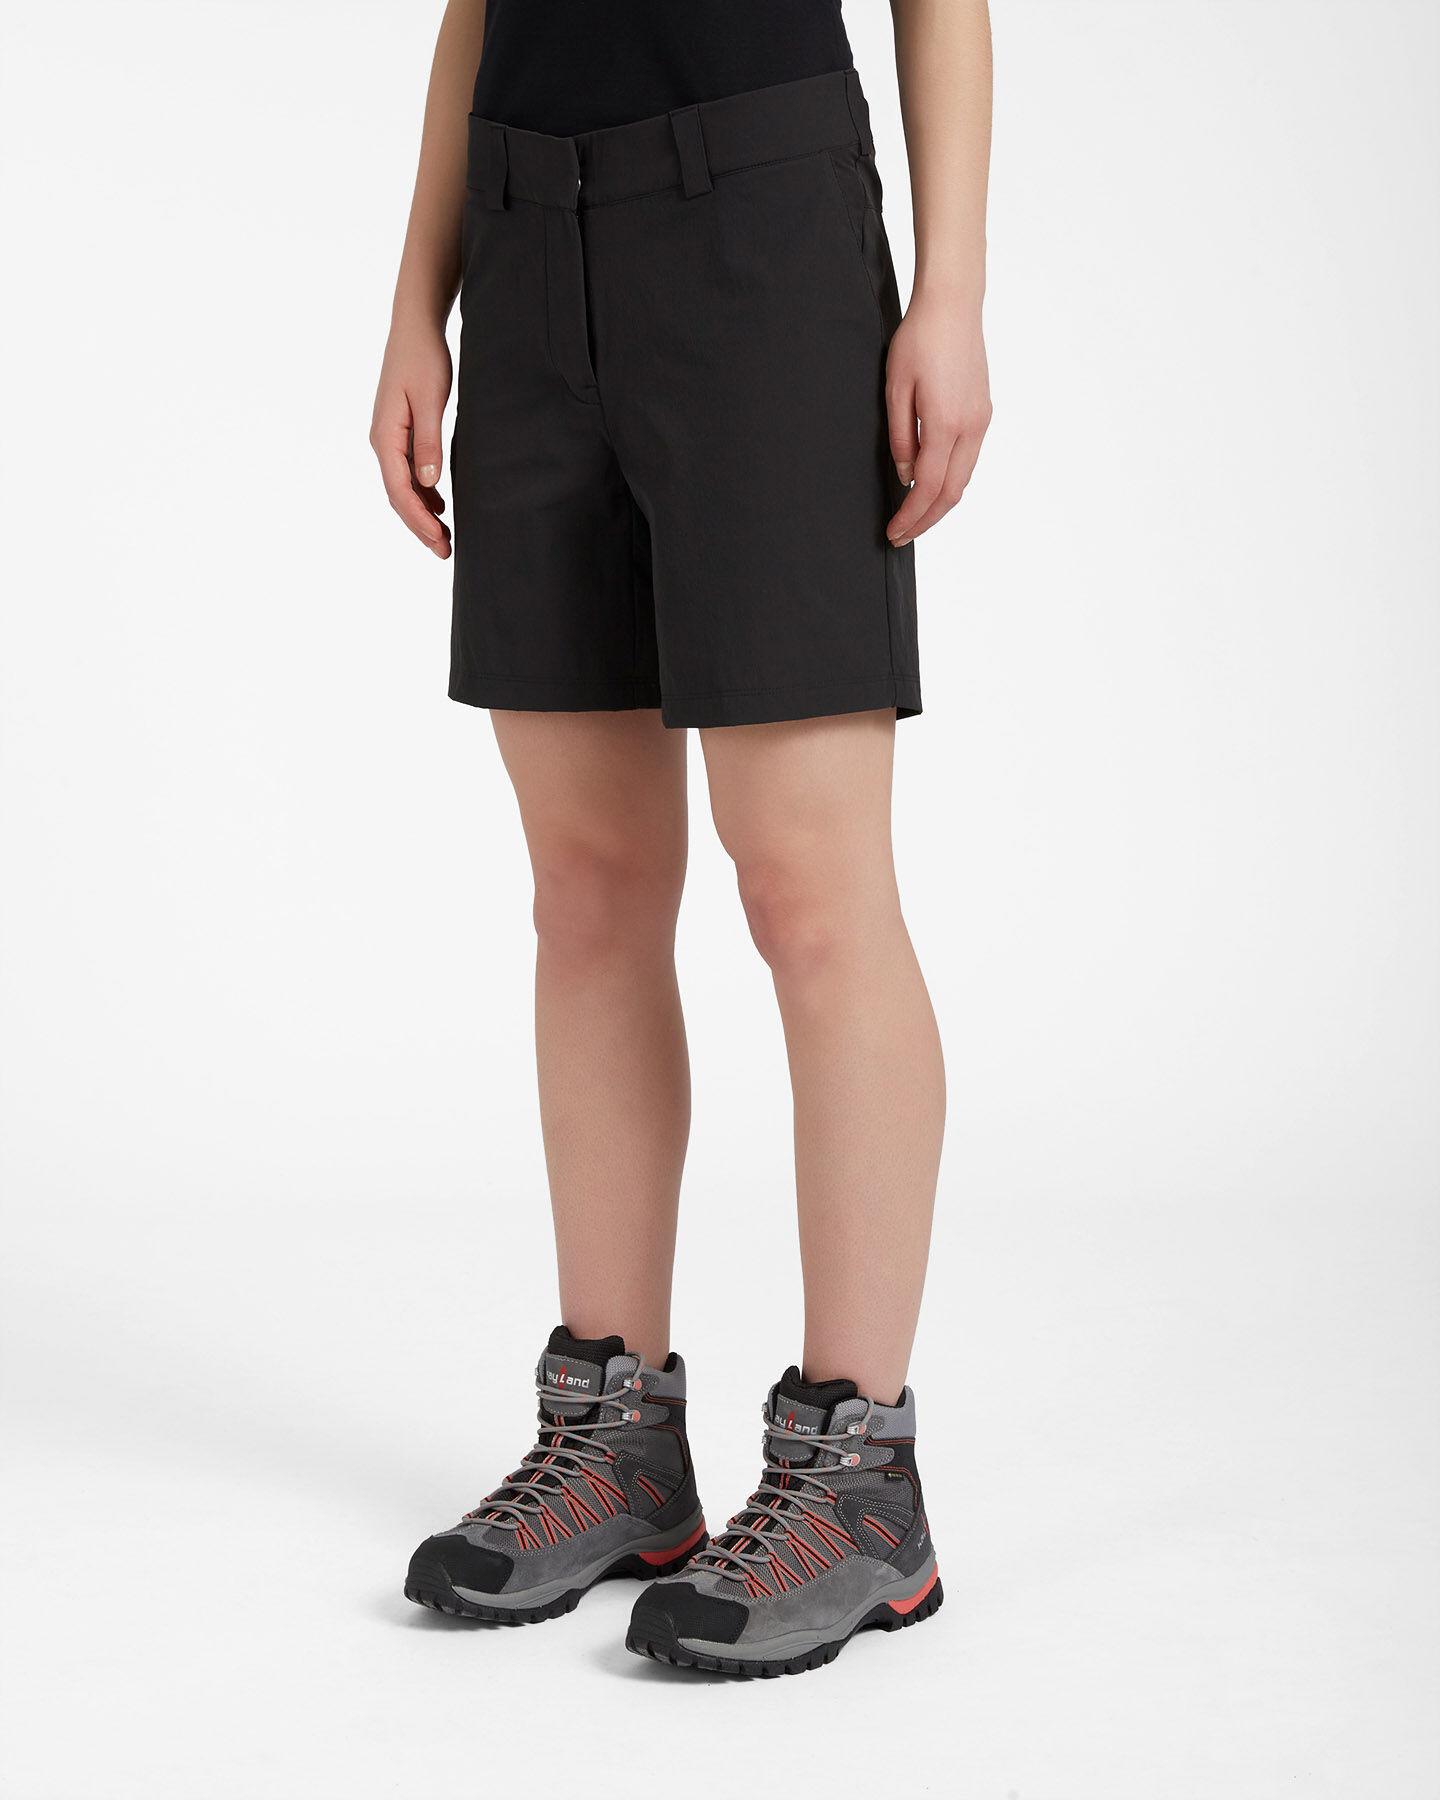 Pantaloncini SALOMON WAYFARER W S5288499 scatto 2